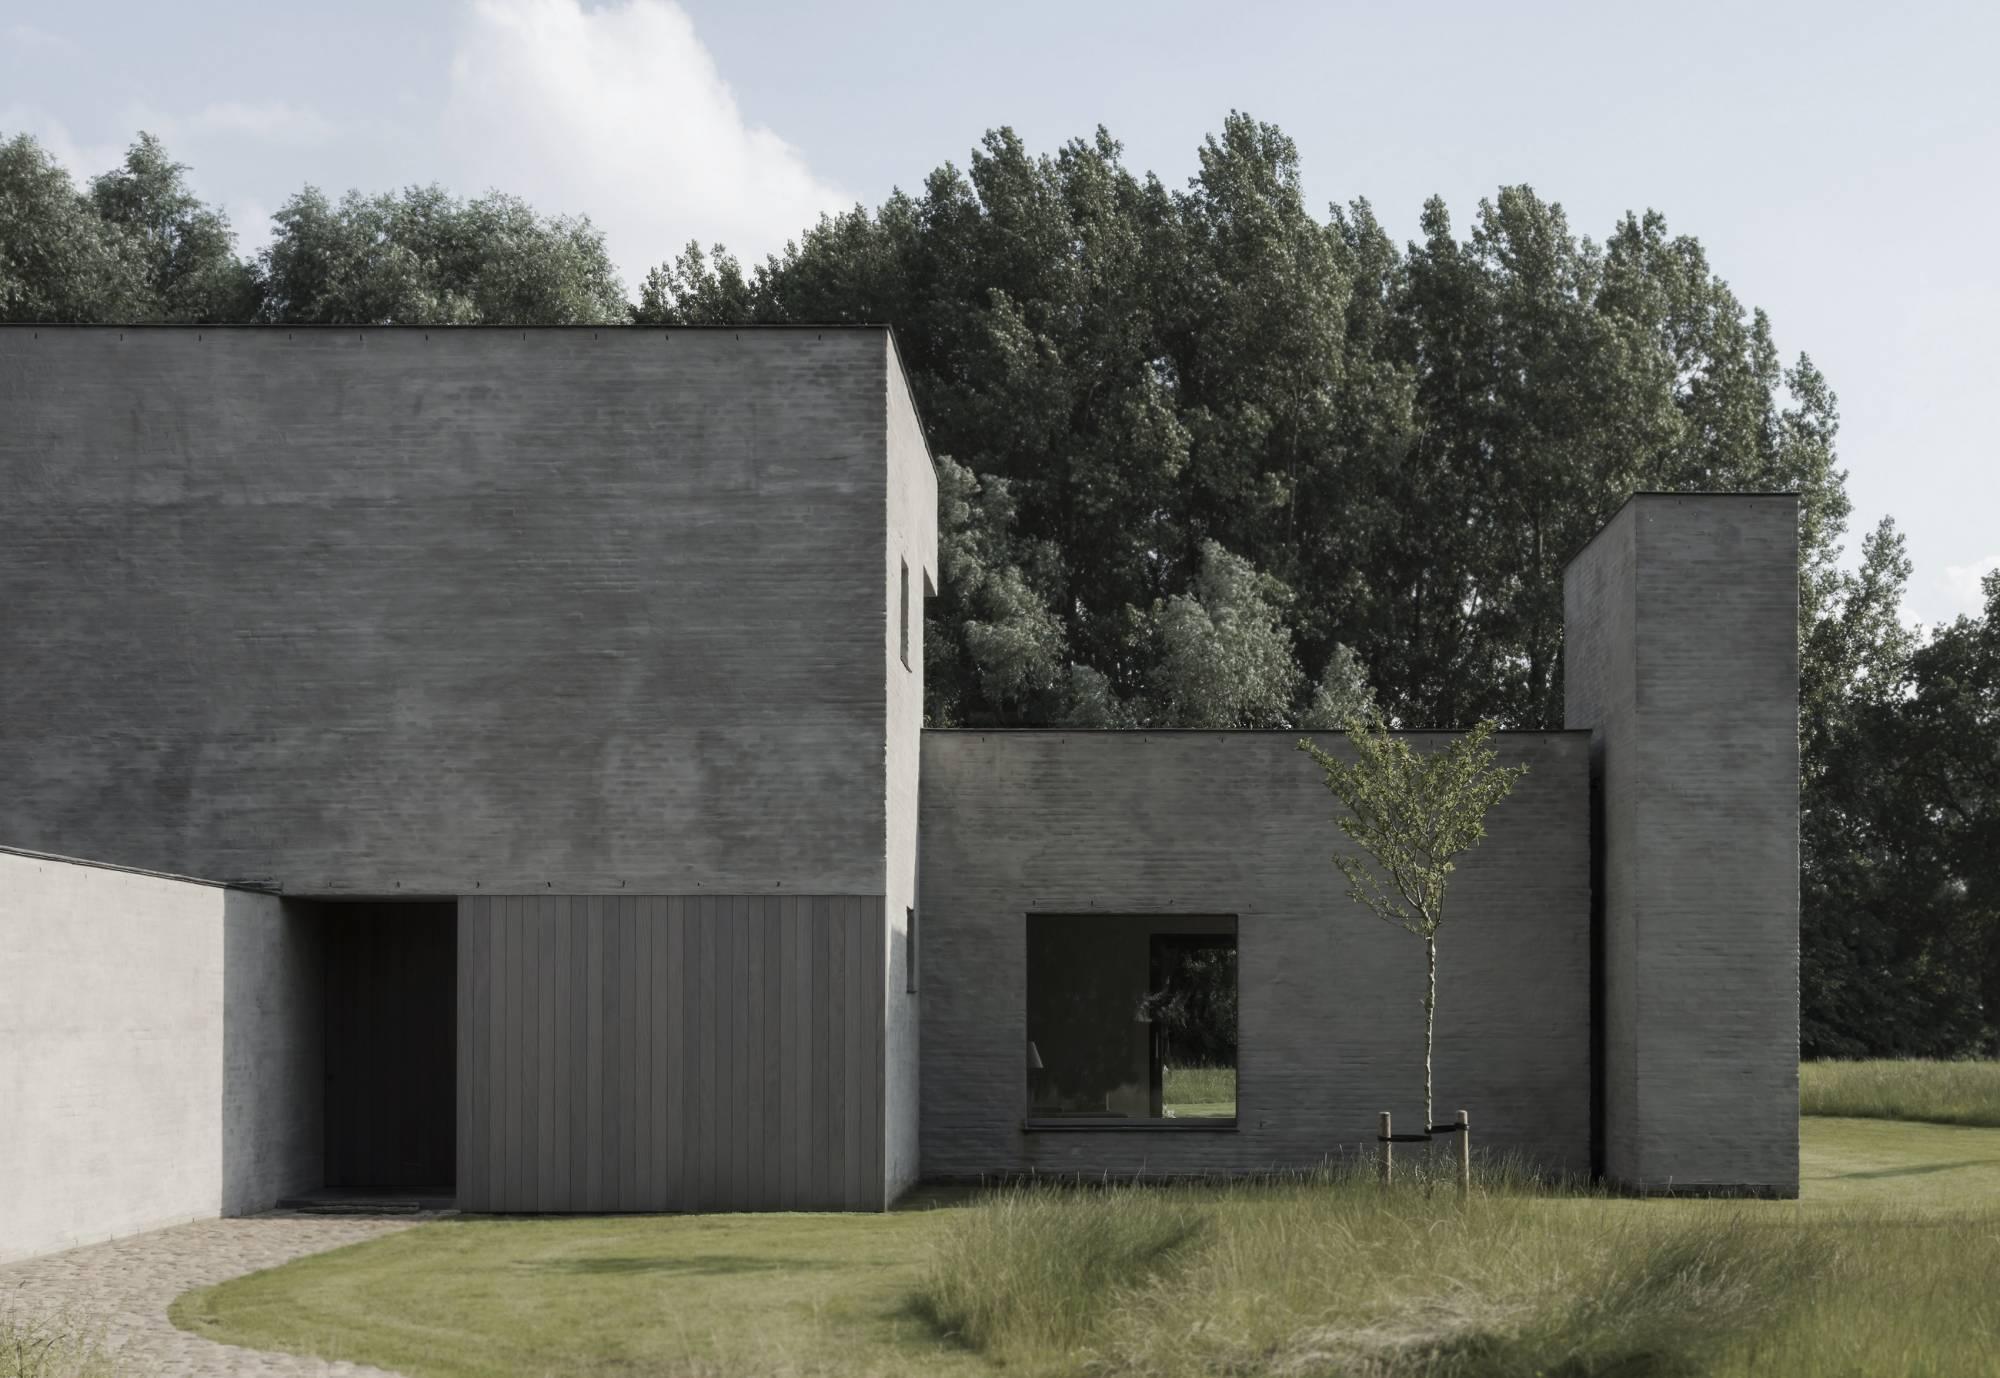 VVDA_2015_DB Residence_Koen Van Damme_3